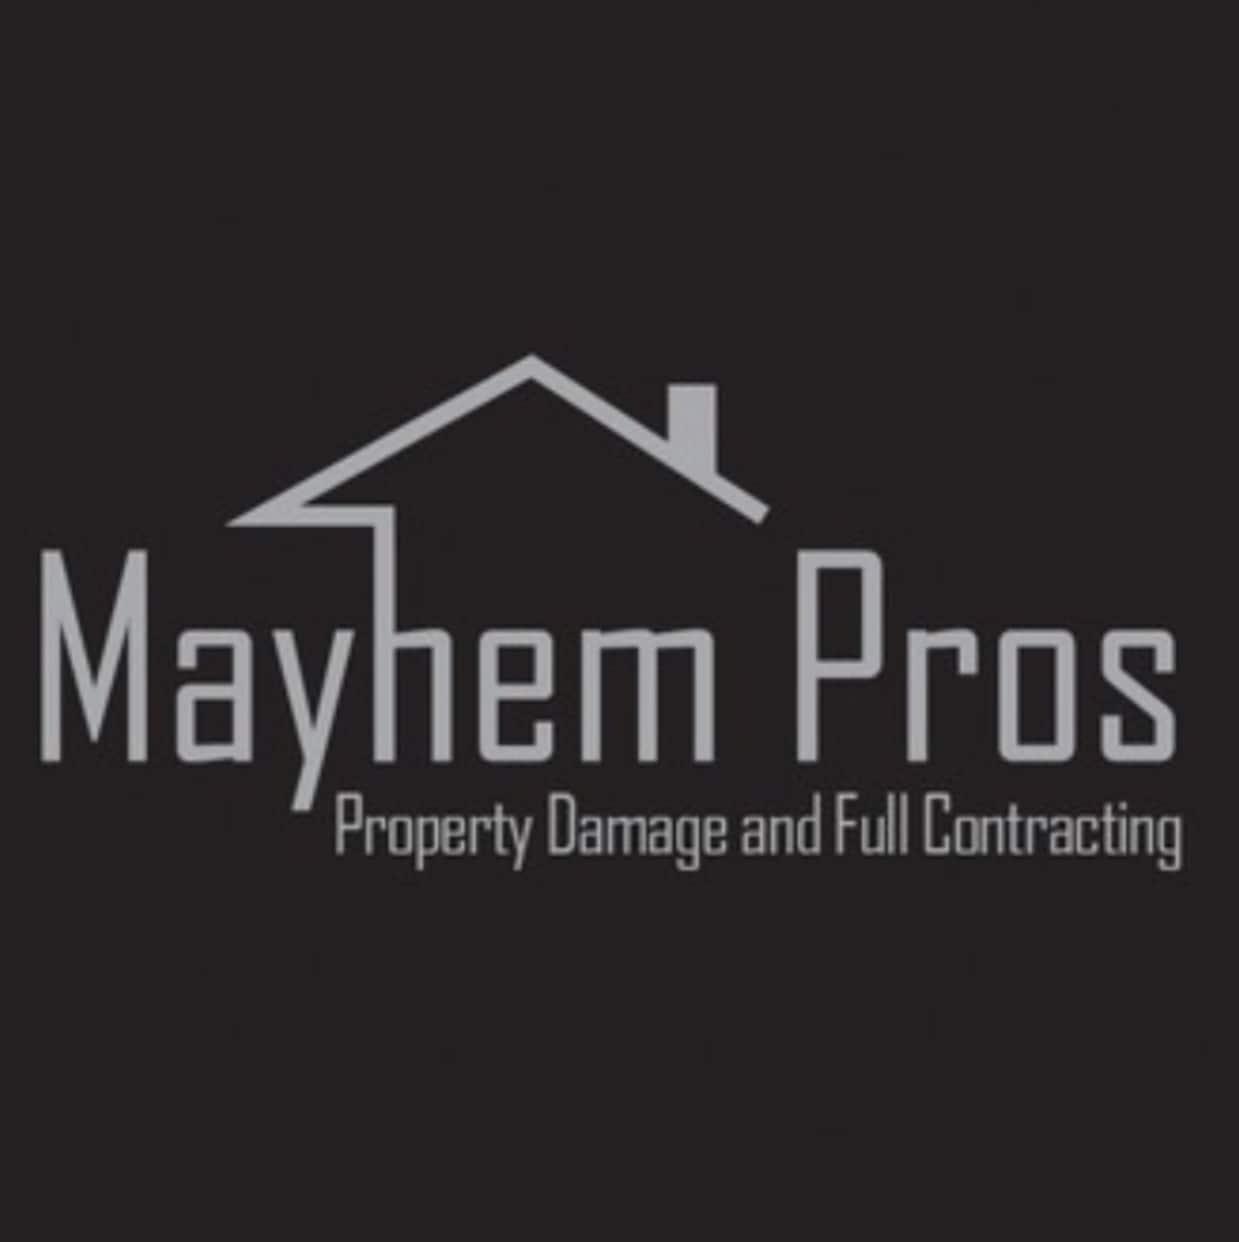 Mayhem Pros LLC